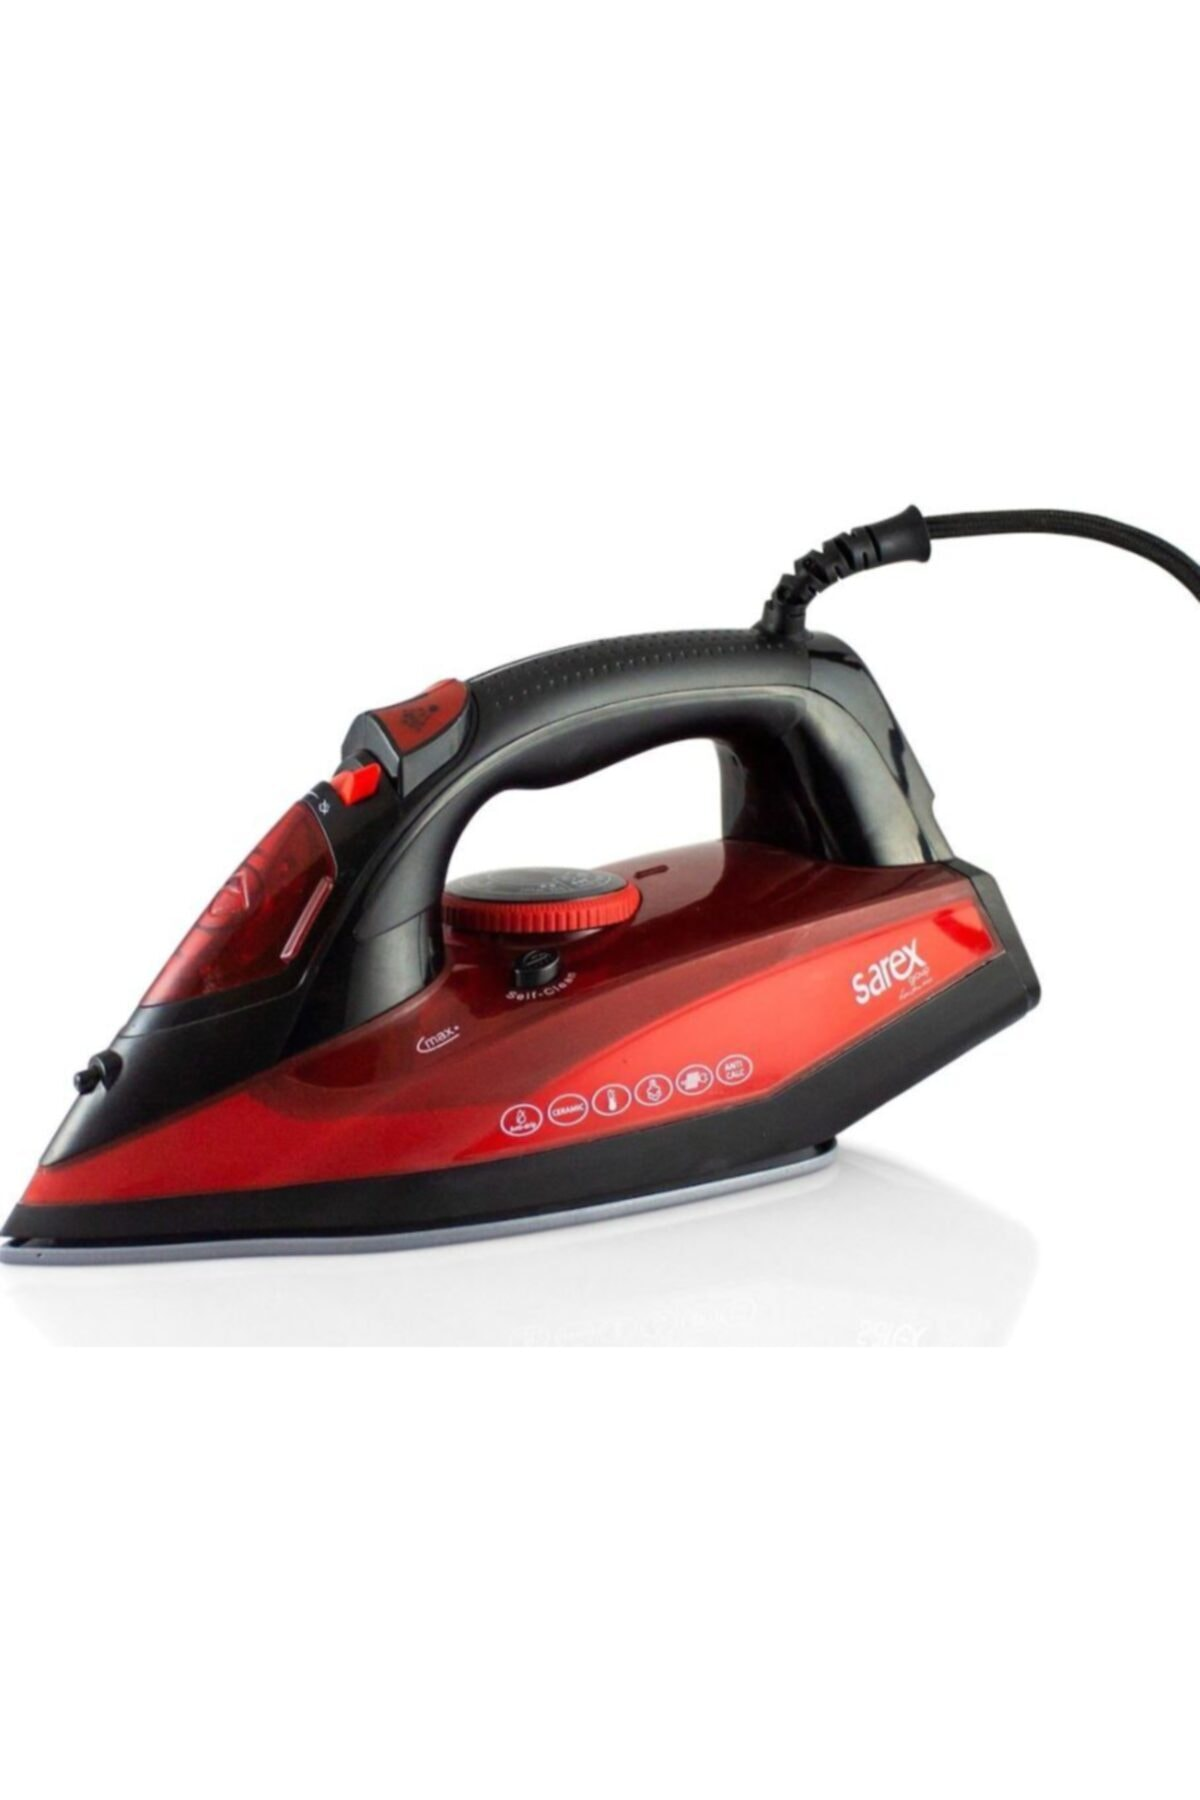 Sarex Kırmızı Luna Buharlı Ütü 2200 W  Sr3500 1